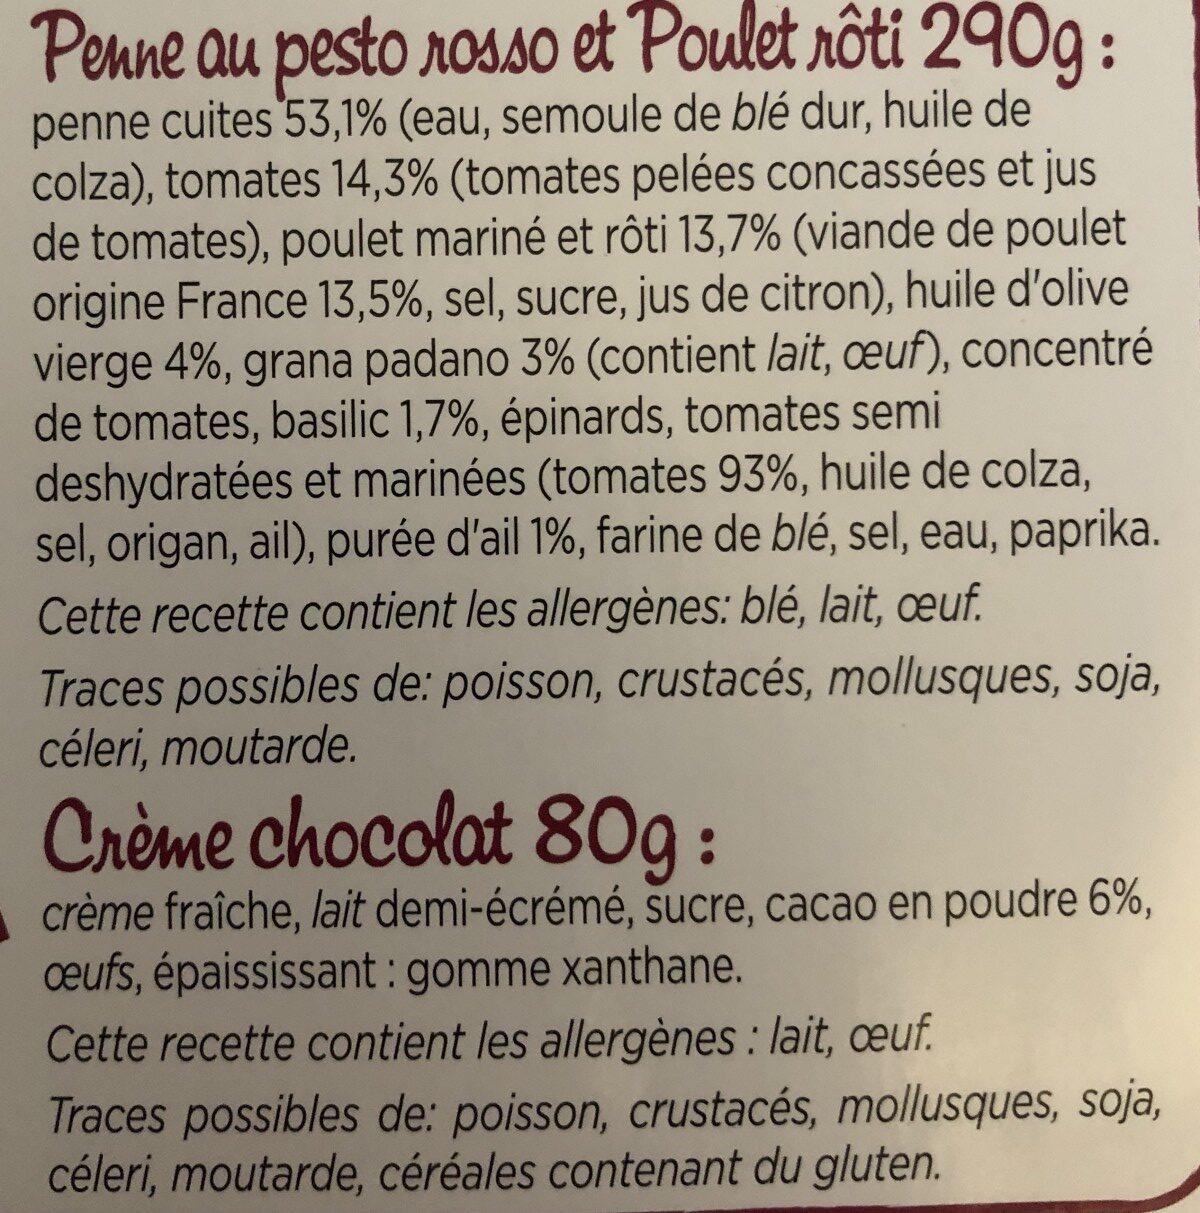 Penne au pesto rosso et poulet roti, creme au chocolat - Ingrédients